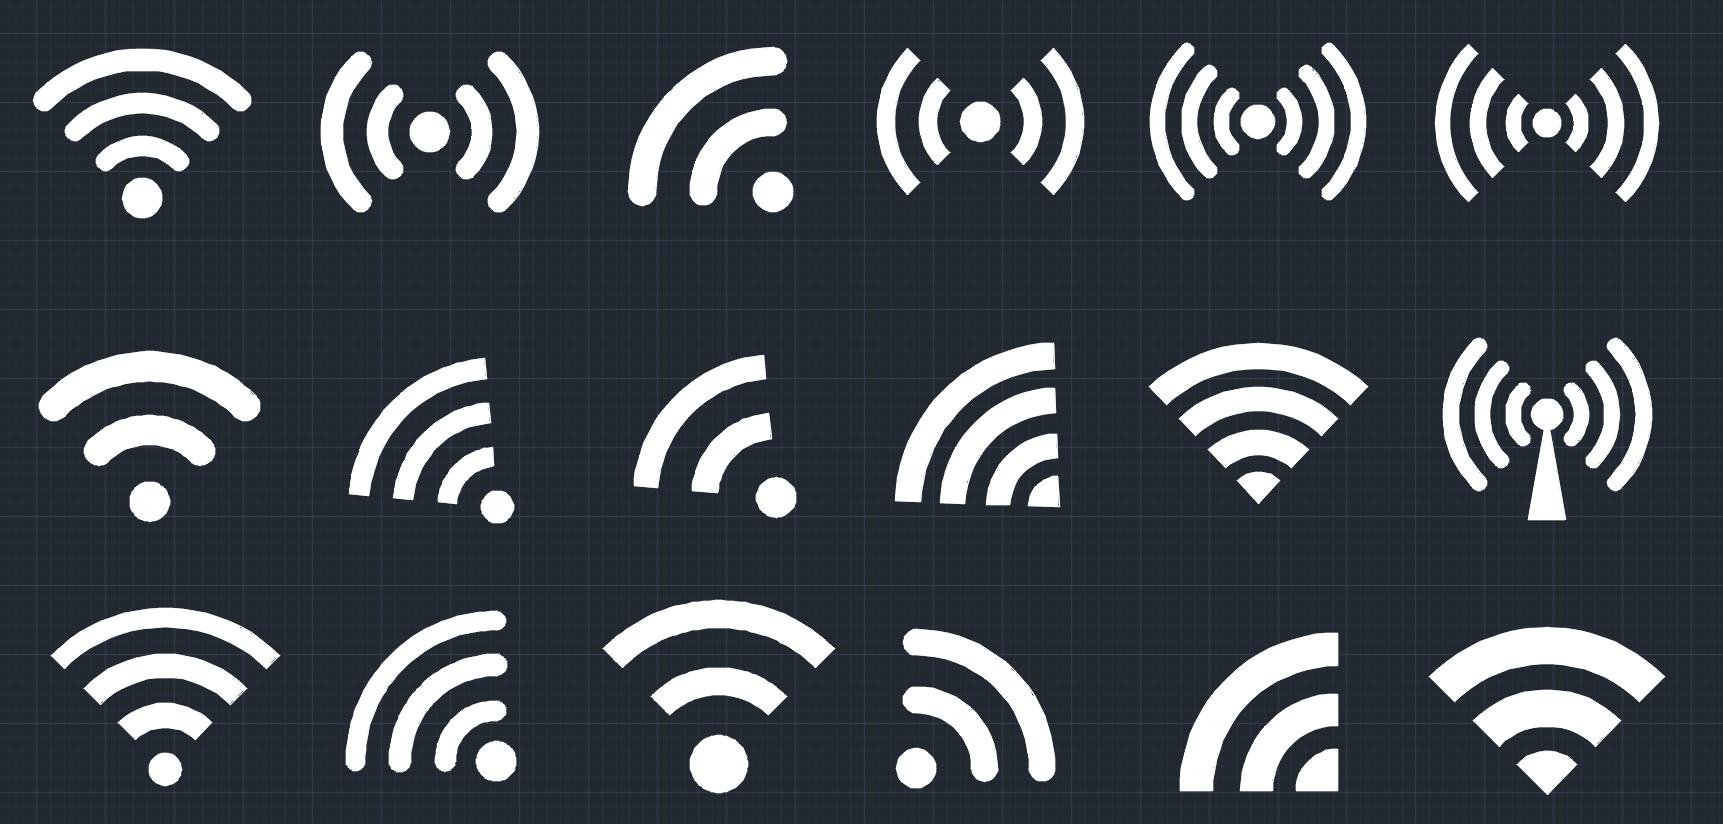 Ausgezeichnet Symbol Für Lichtmaschine Zeitgenössisch - Schaltplan ...